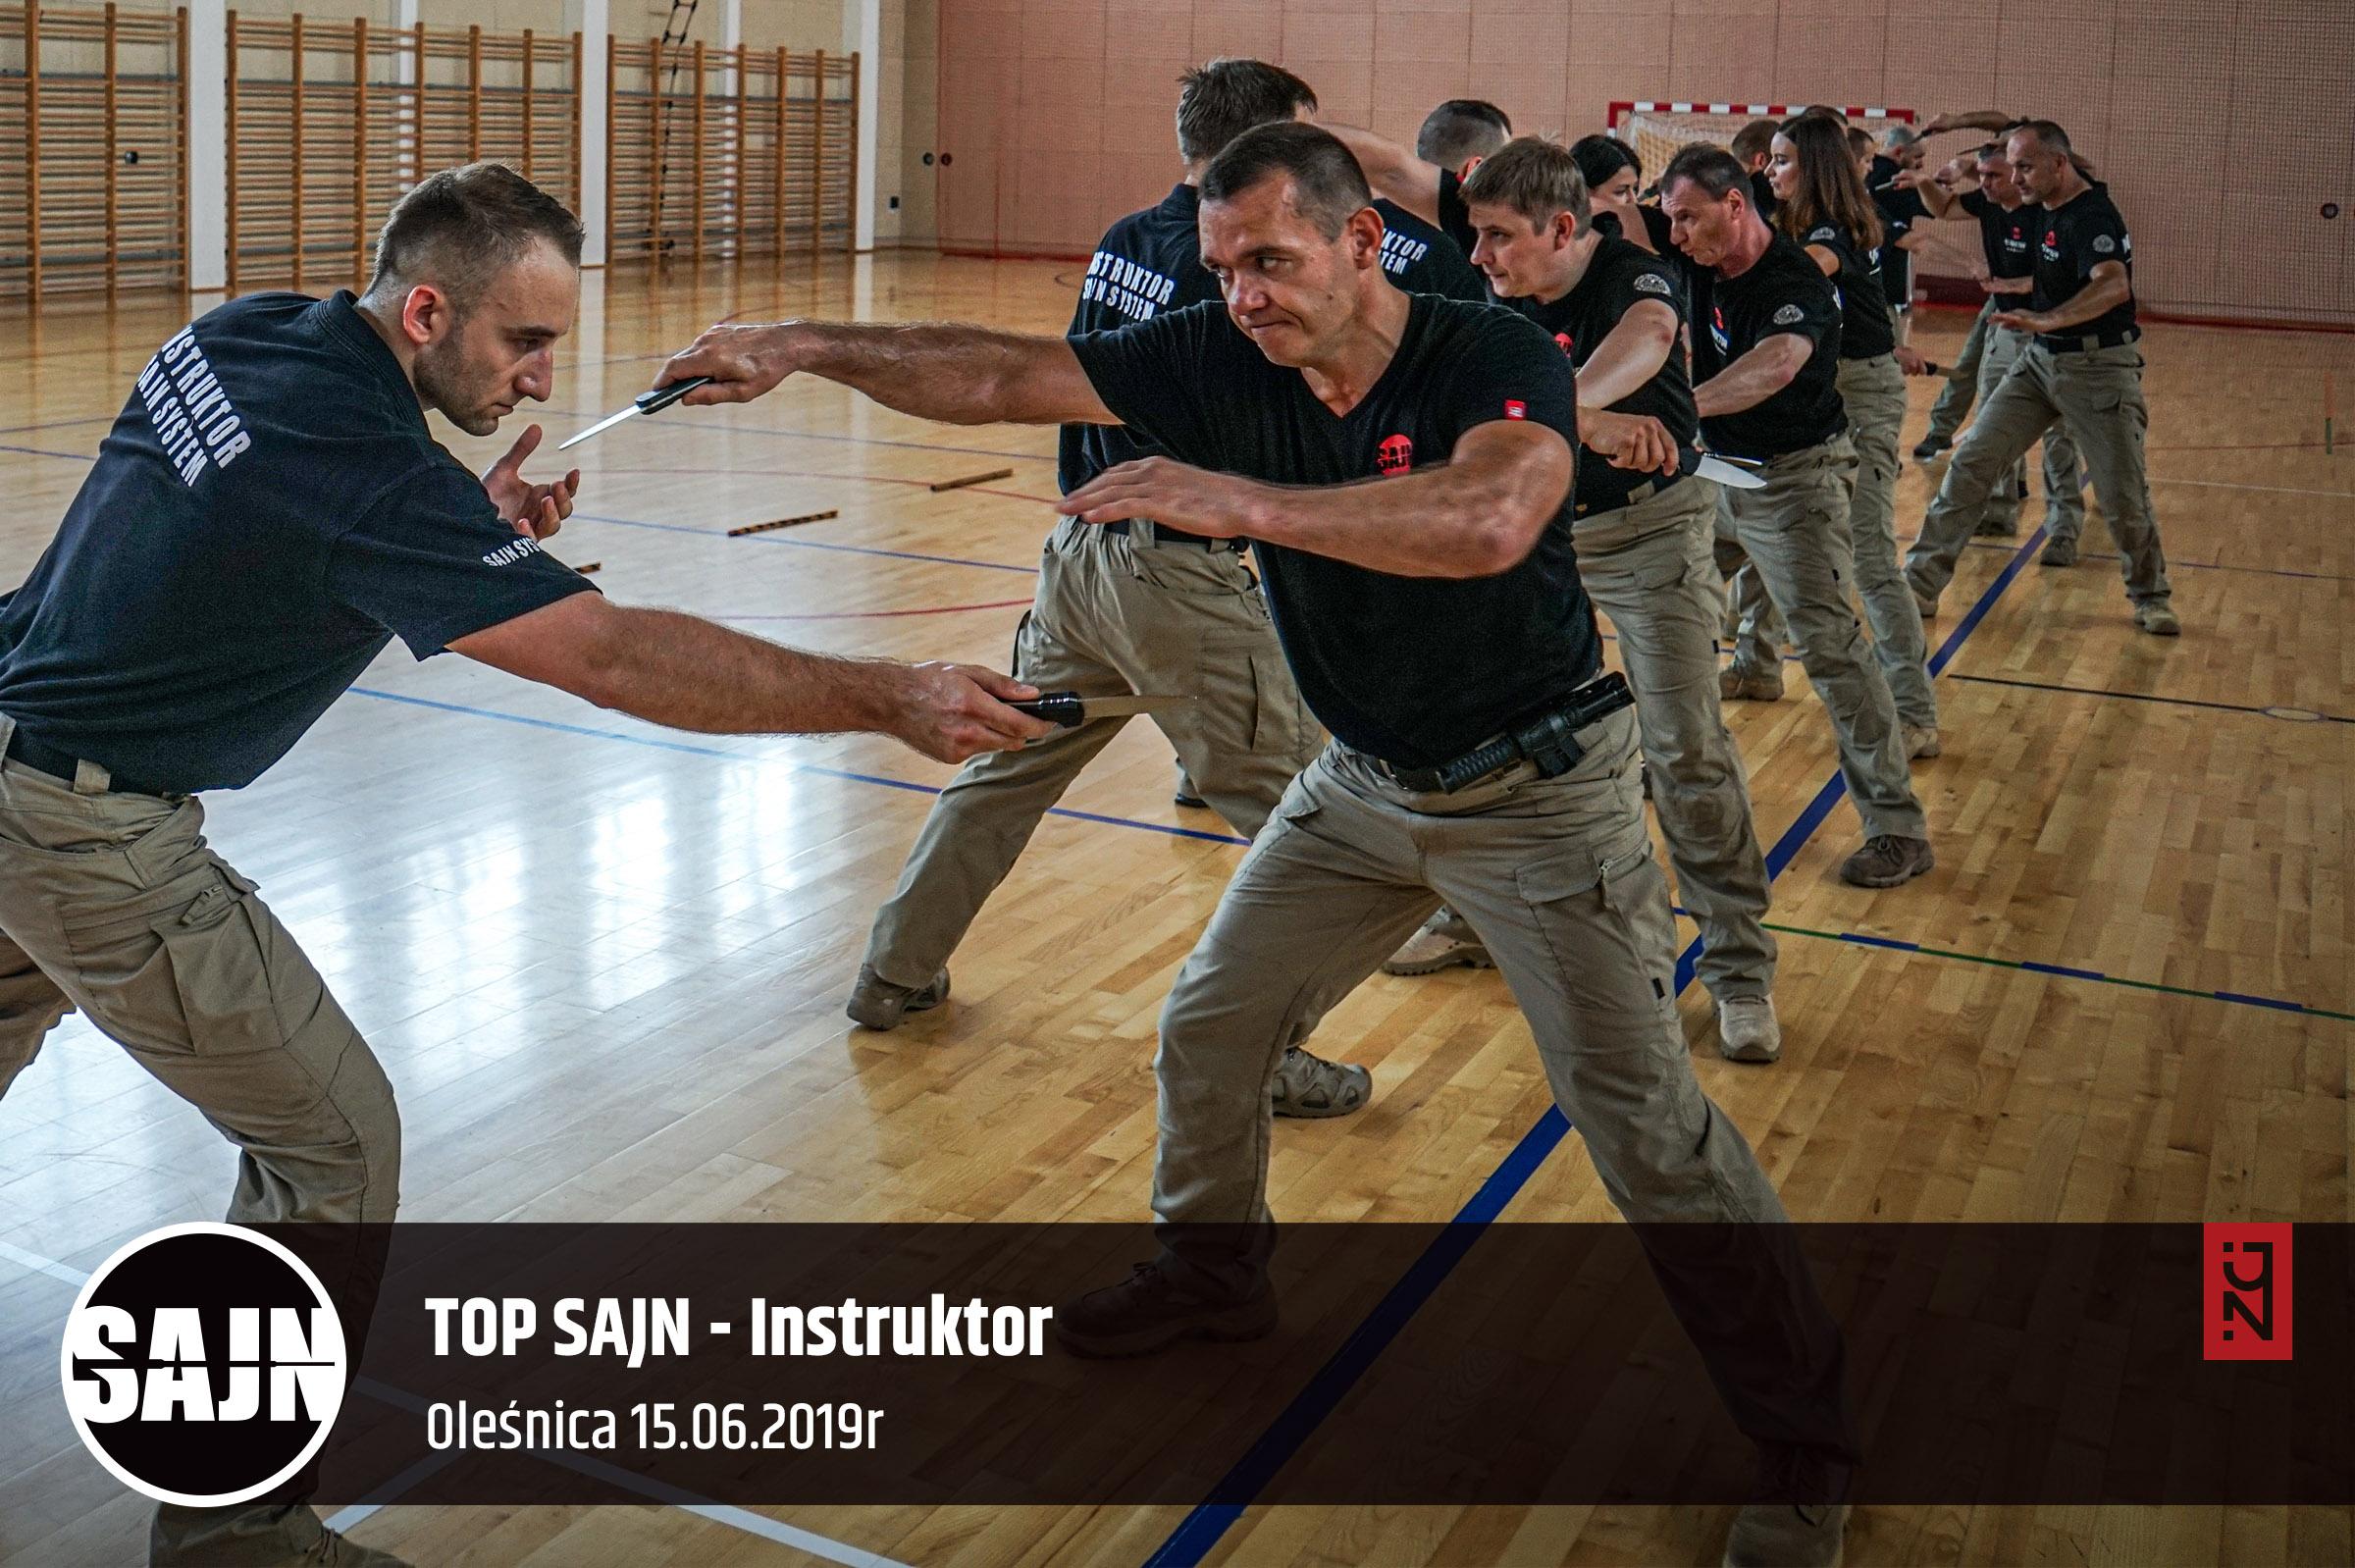 jan nycek_sajn_szkolenie dla sluzb mundurowych_palka teleskopowa_walka nozem_14.jpg